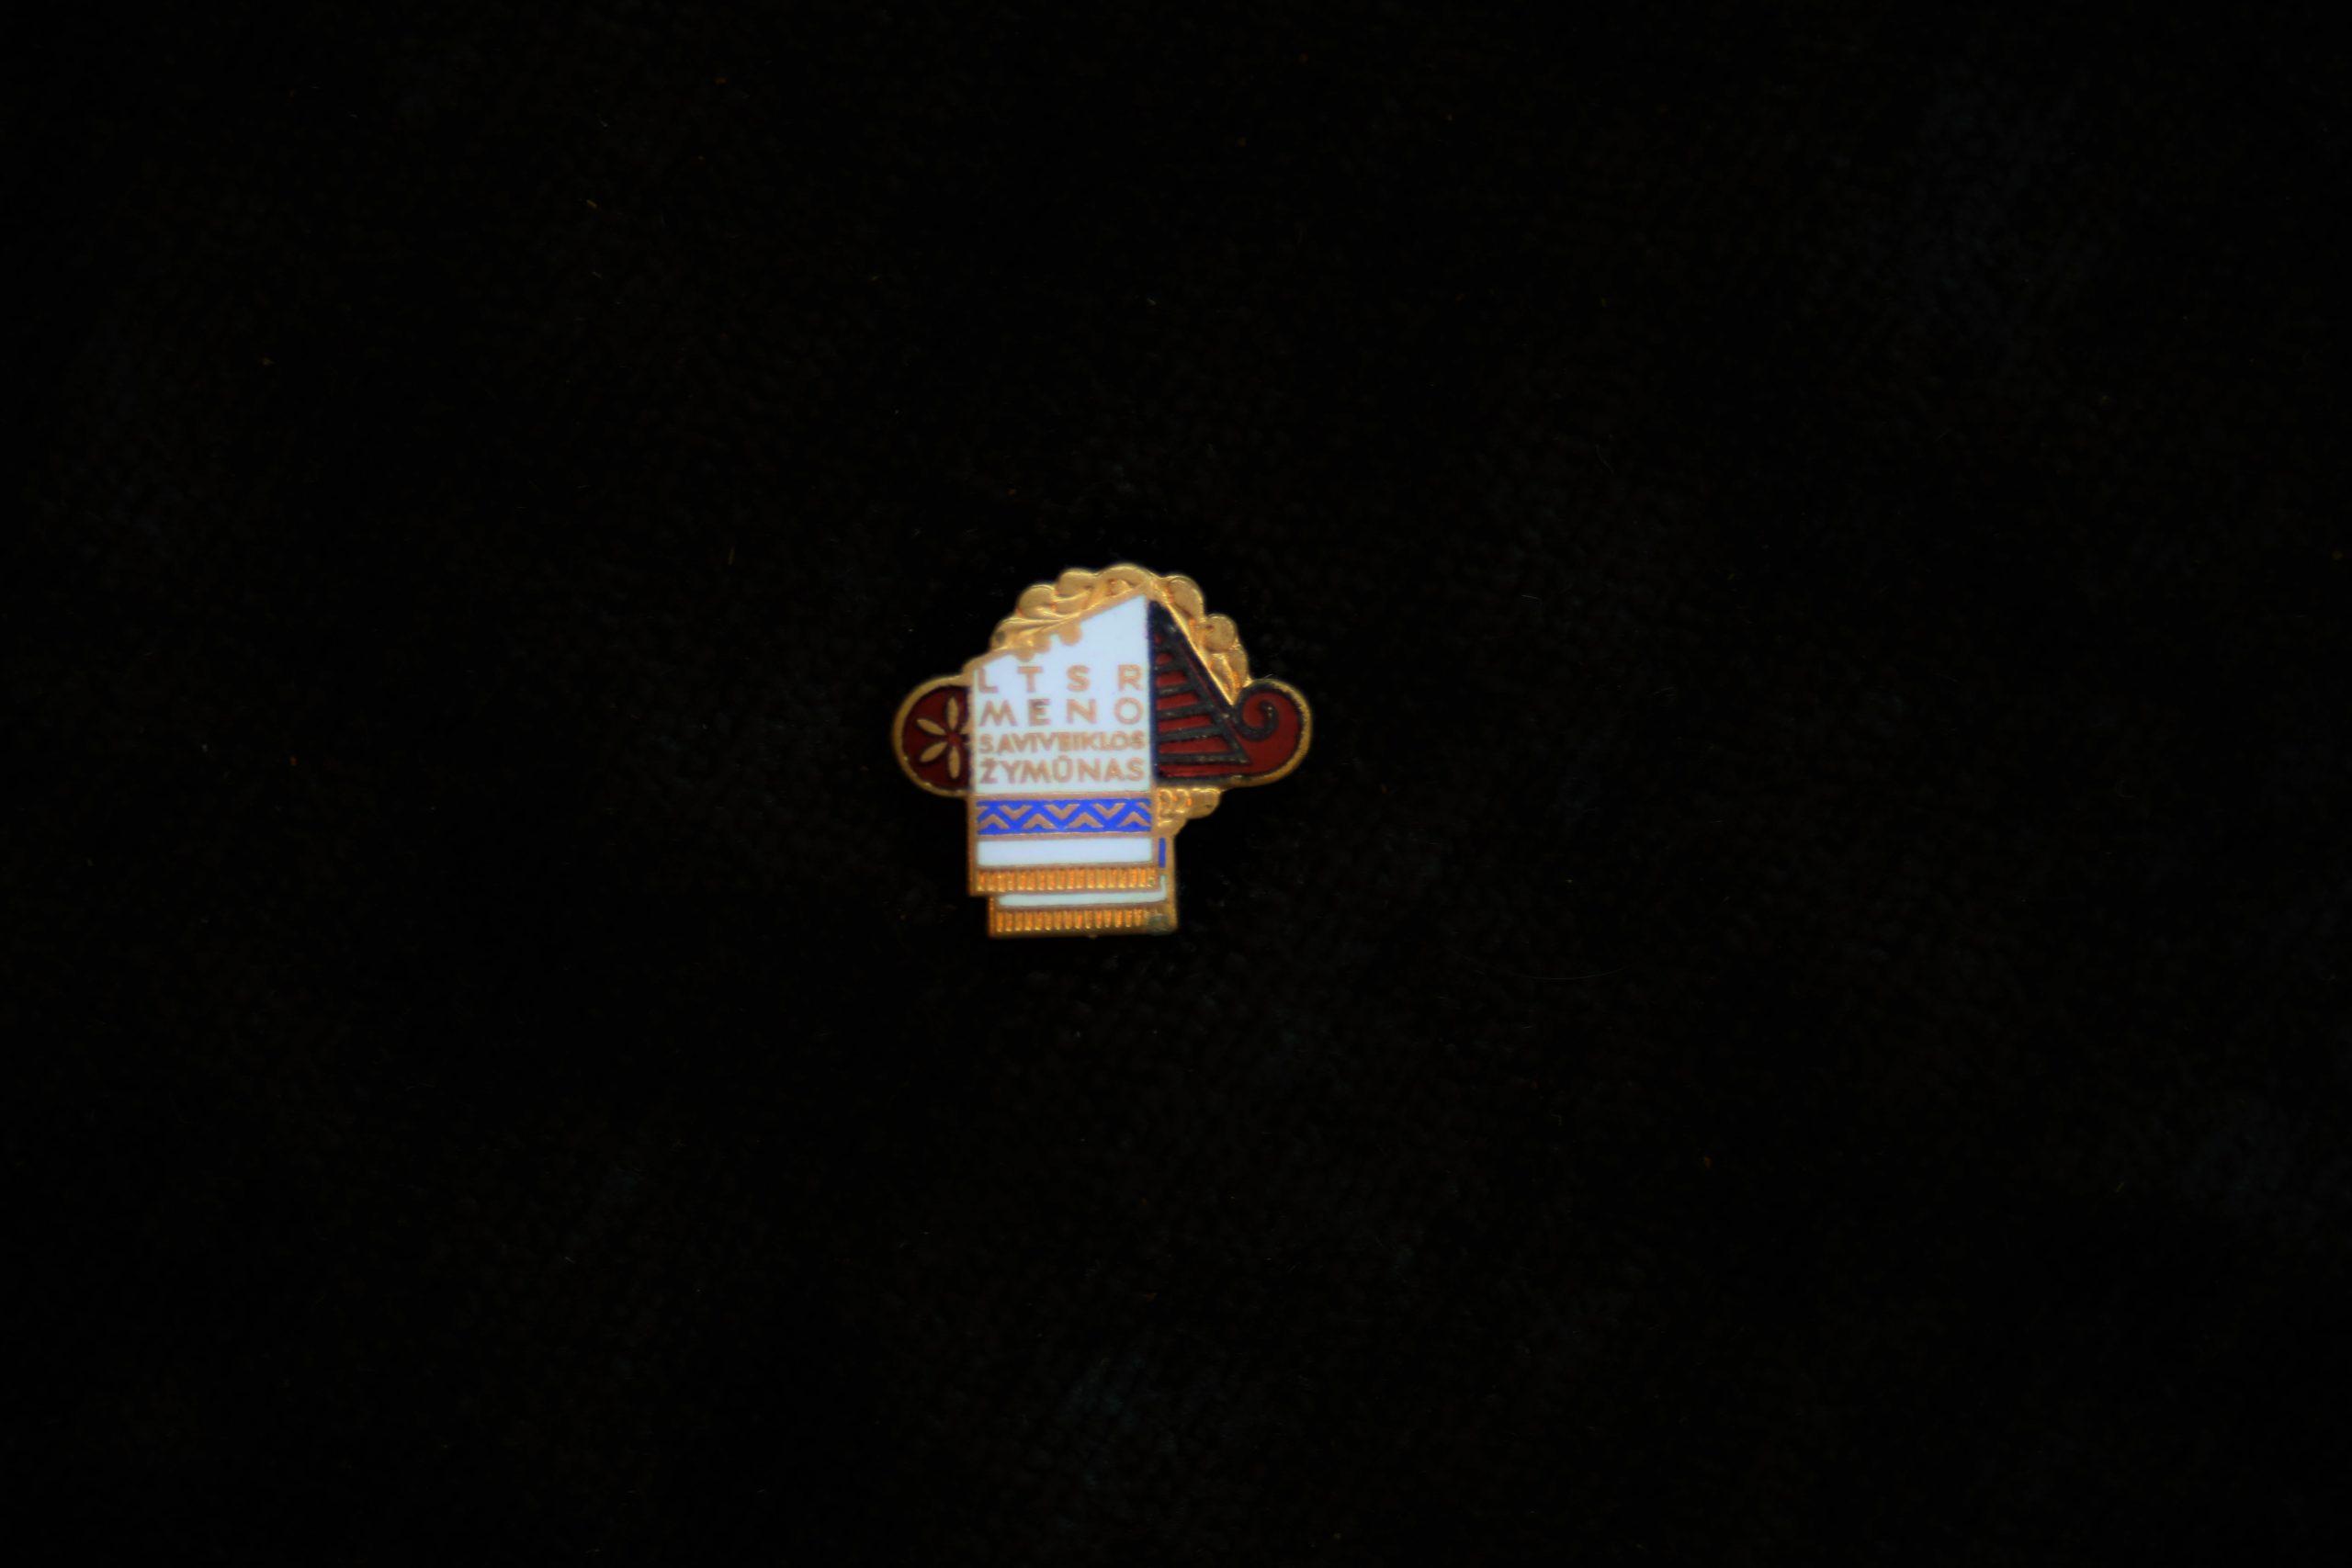 LTSR meno saviveiklos žymūno ženklelis